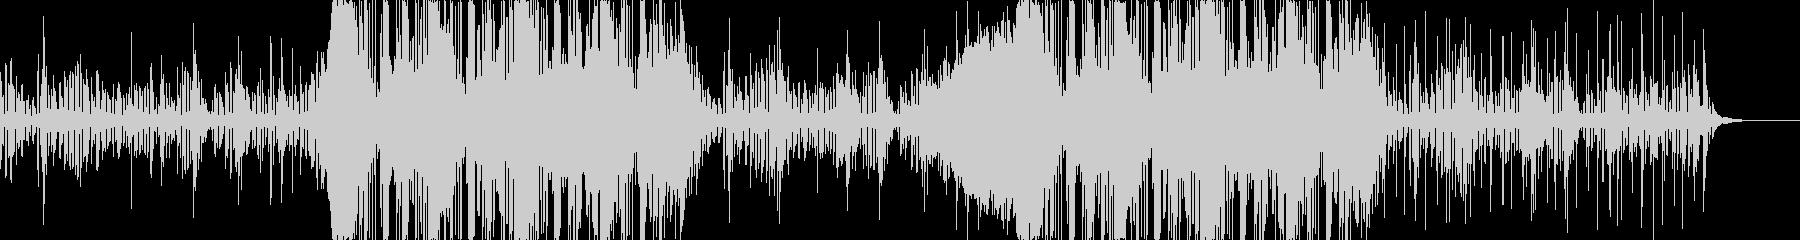 ダウンテンポの怪しげなエレクトロの未再生の波形